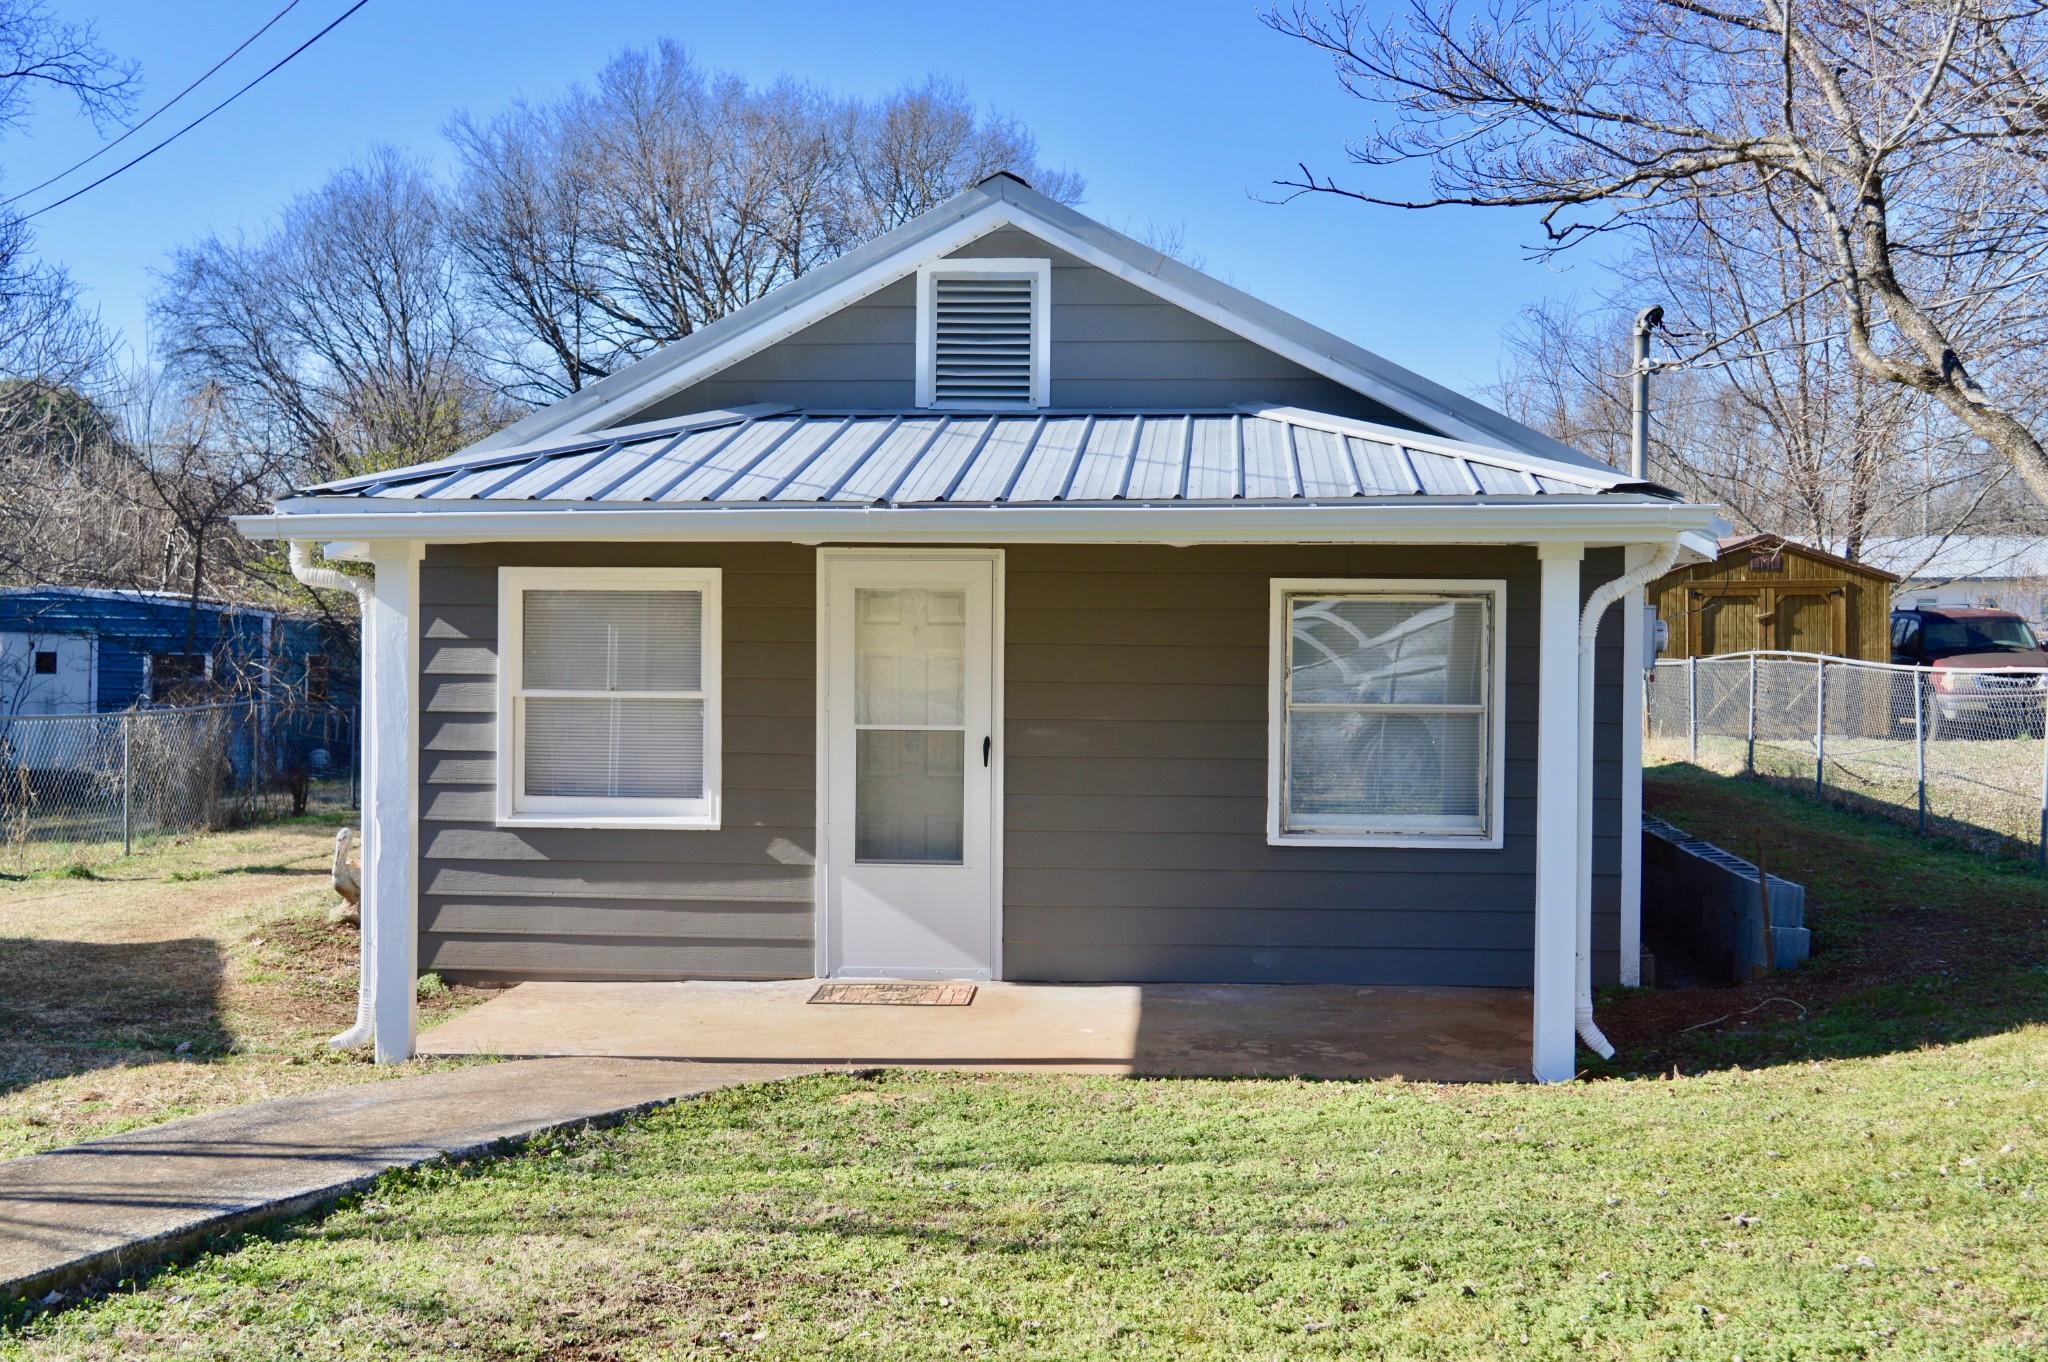 117 Walnut St, Cowan, TN 37318 - Cowan, TN real estate listing